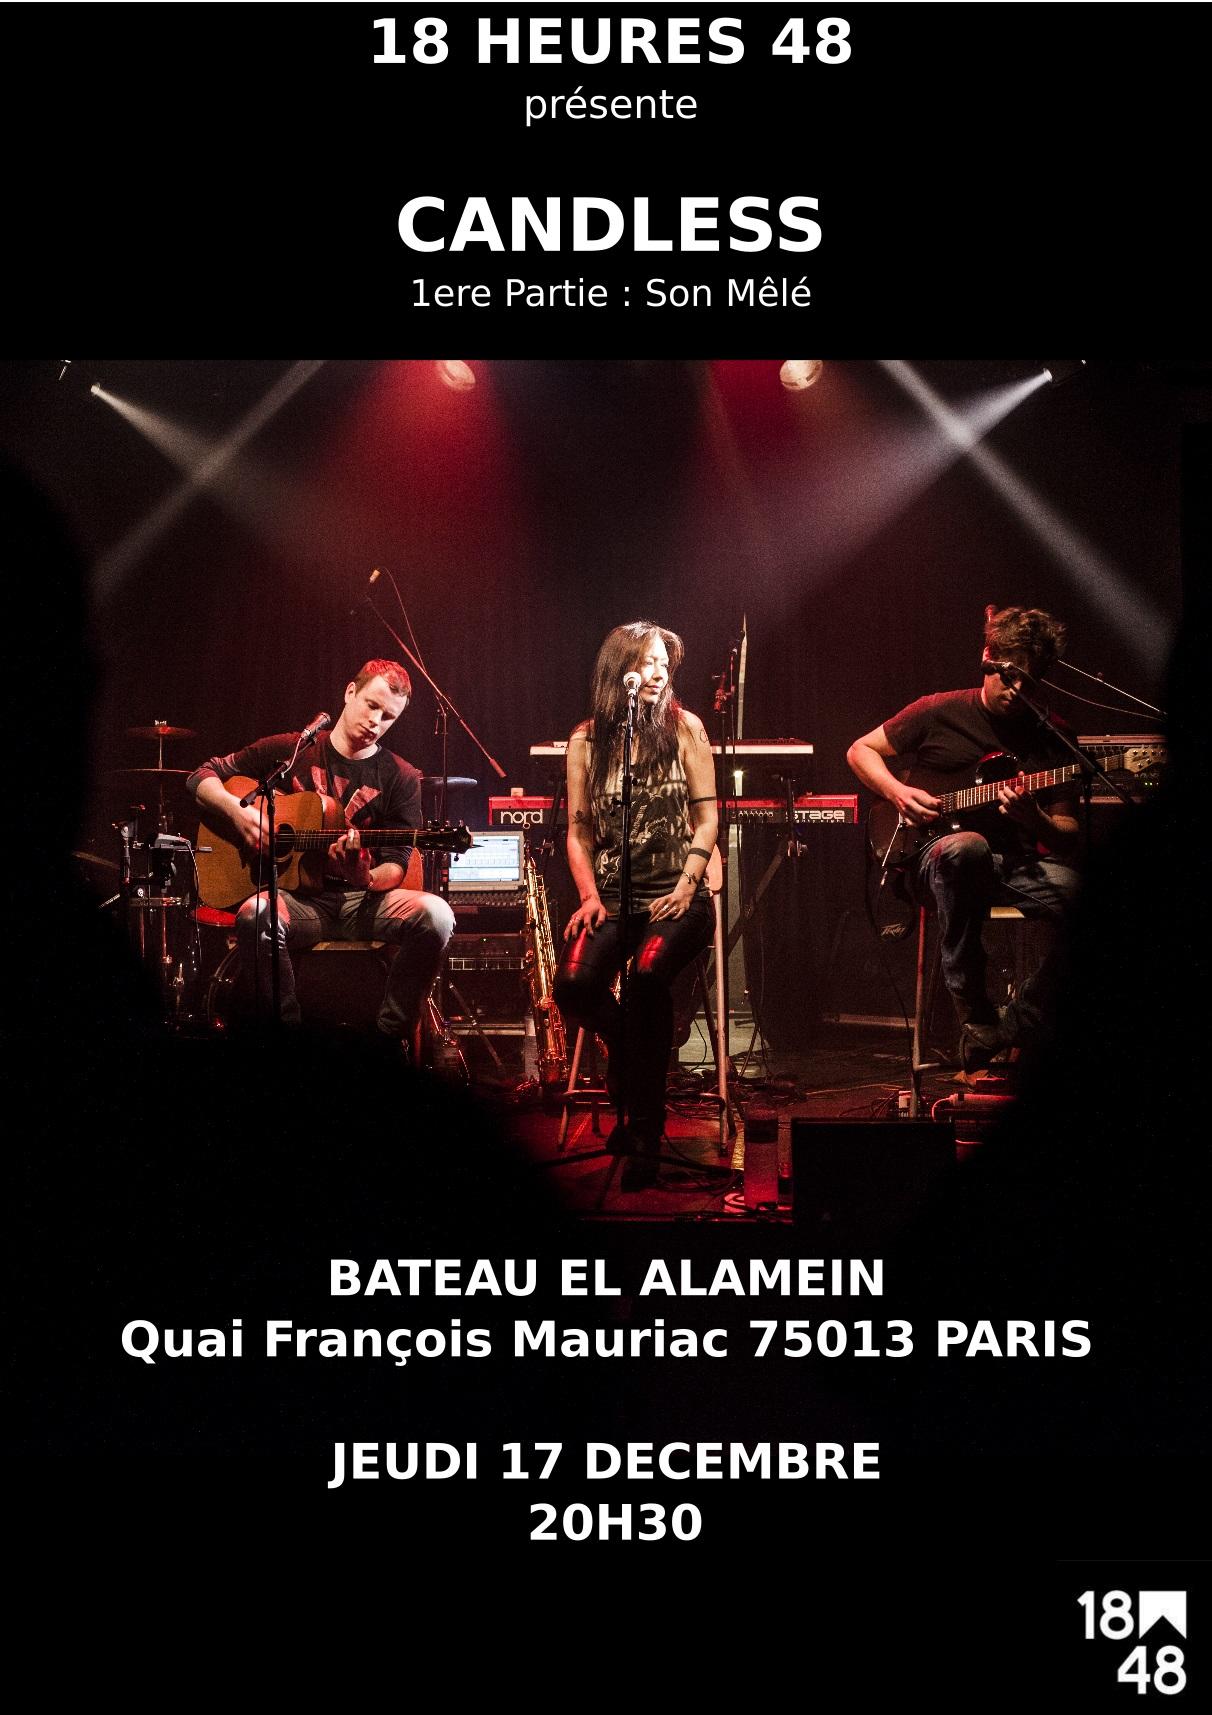 Candless en concert le jeudi 17 décembre au bateau El Alamein. Première partie : Son Mêlé